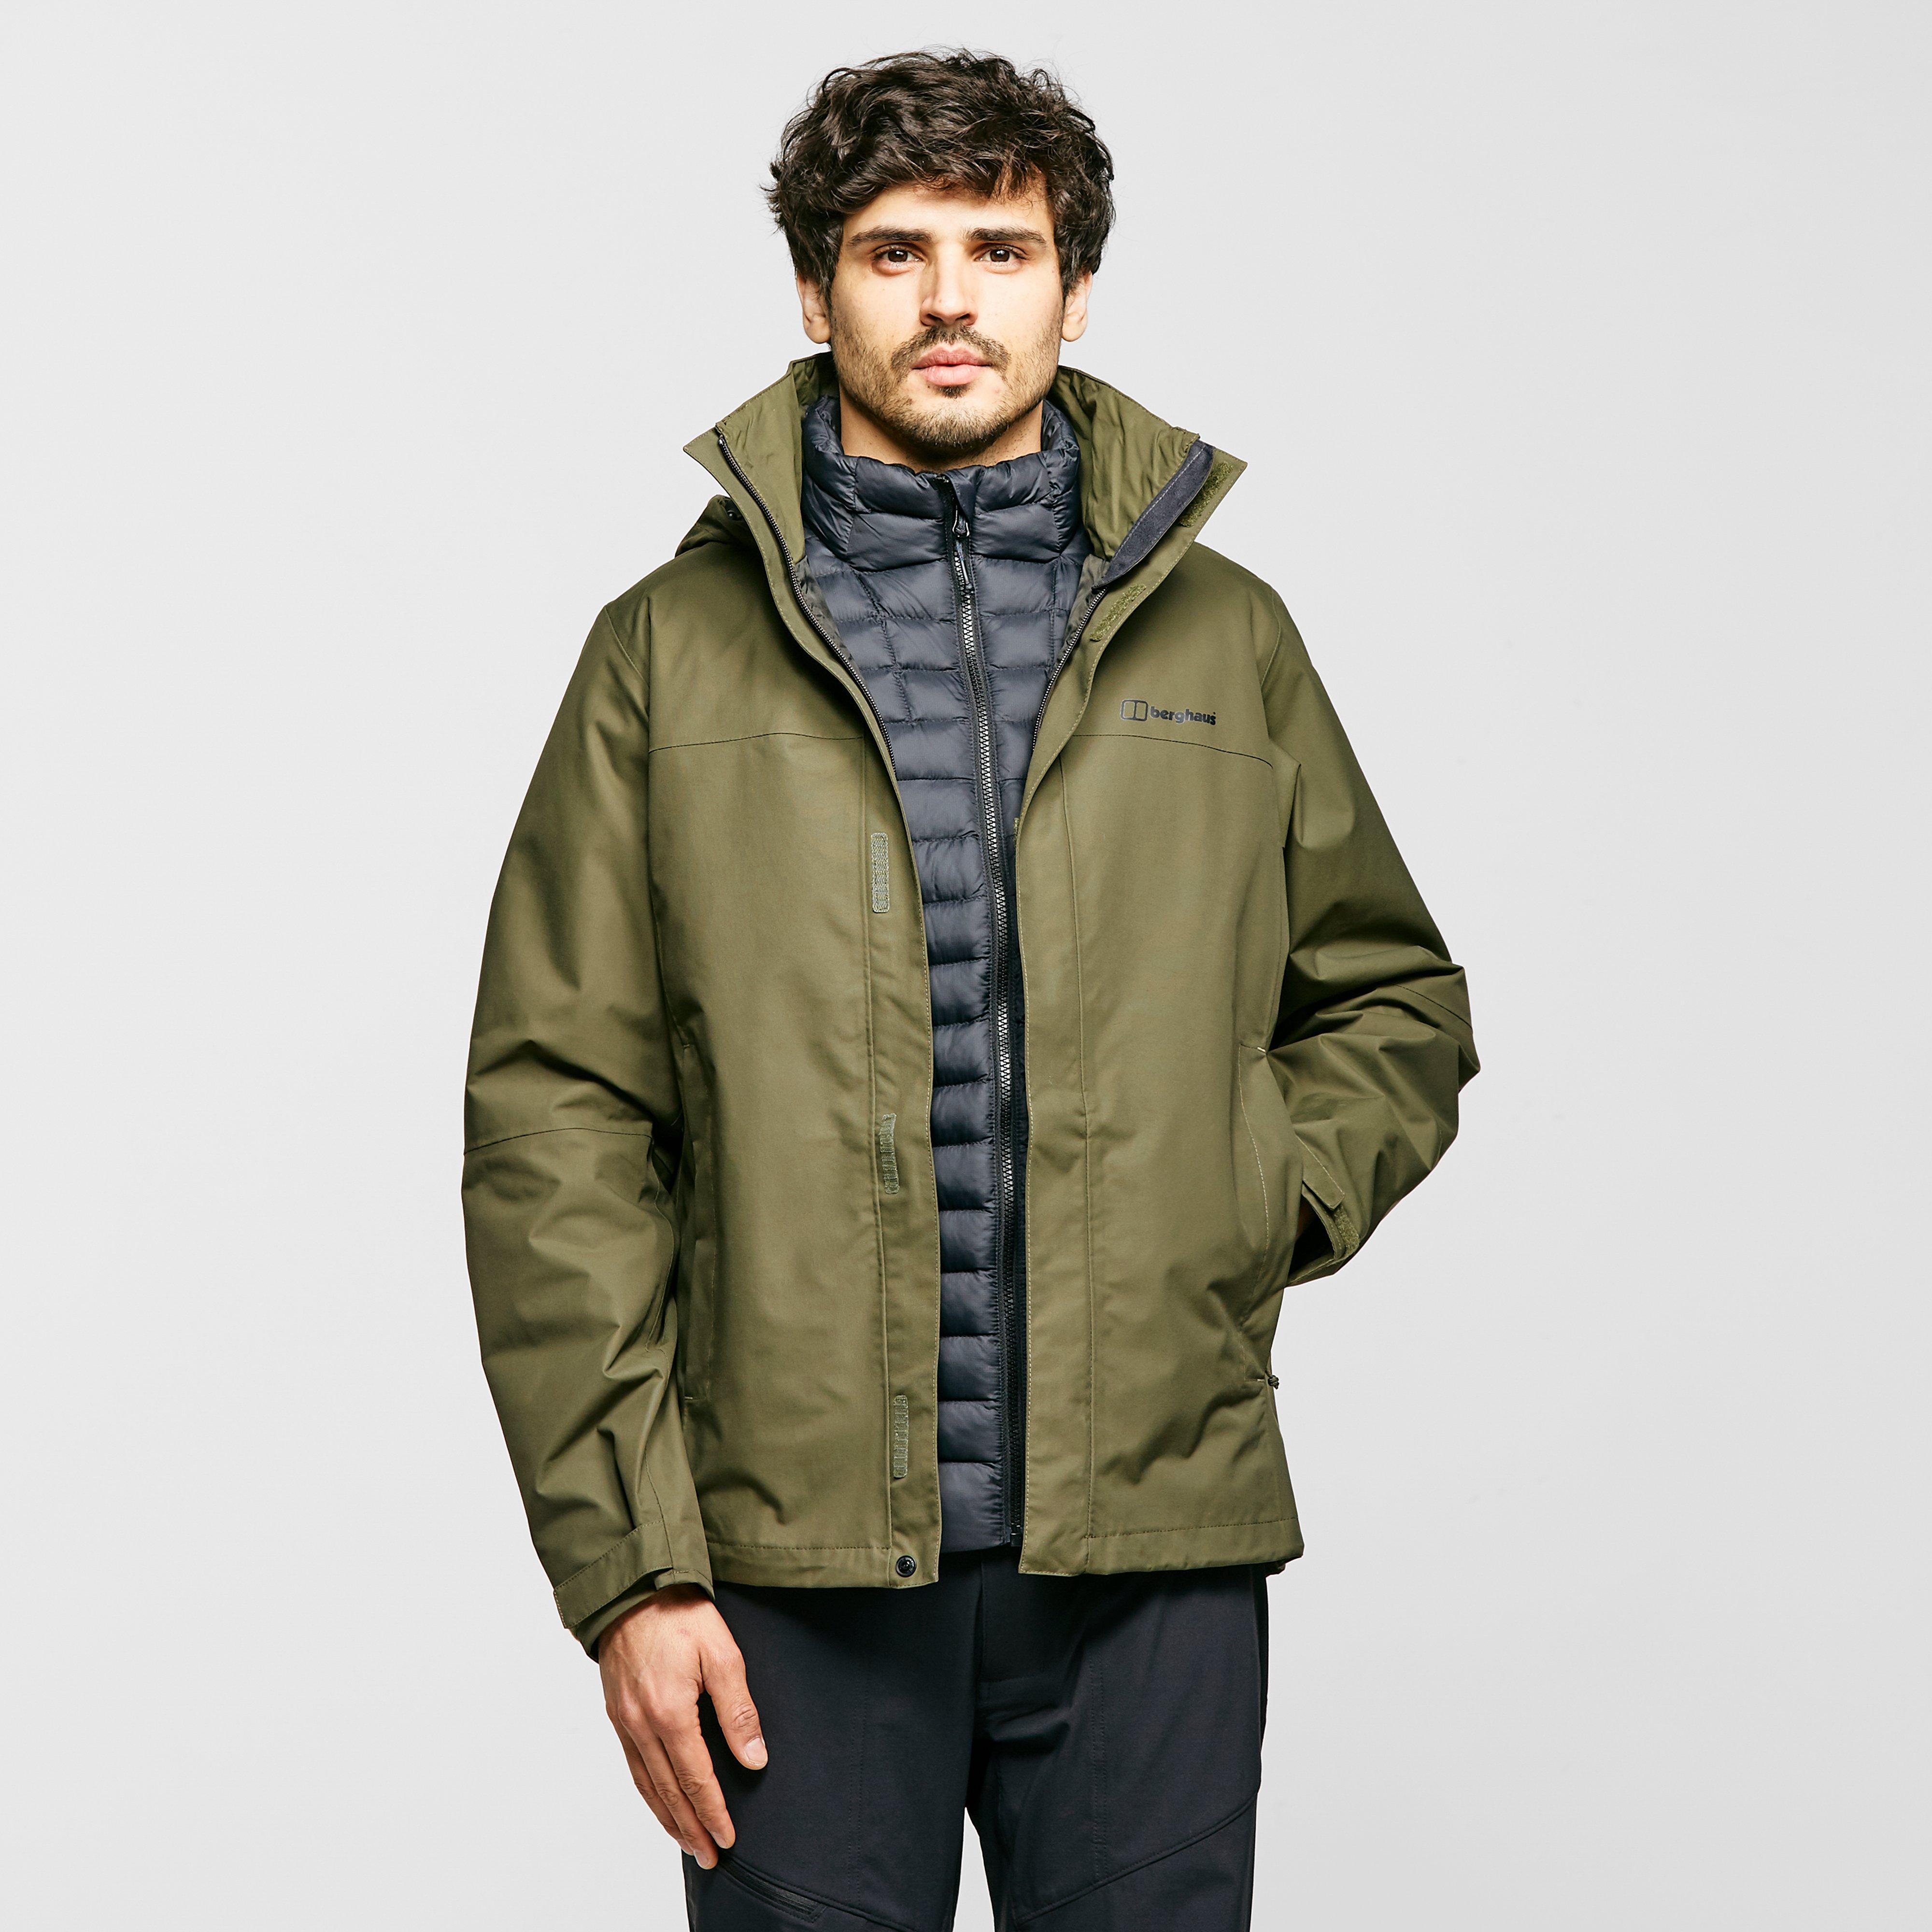 Berghaus Mens Rg Alpha 2.0 Waterproof Jacket - Green/green  Green/green